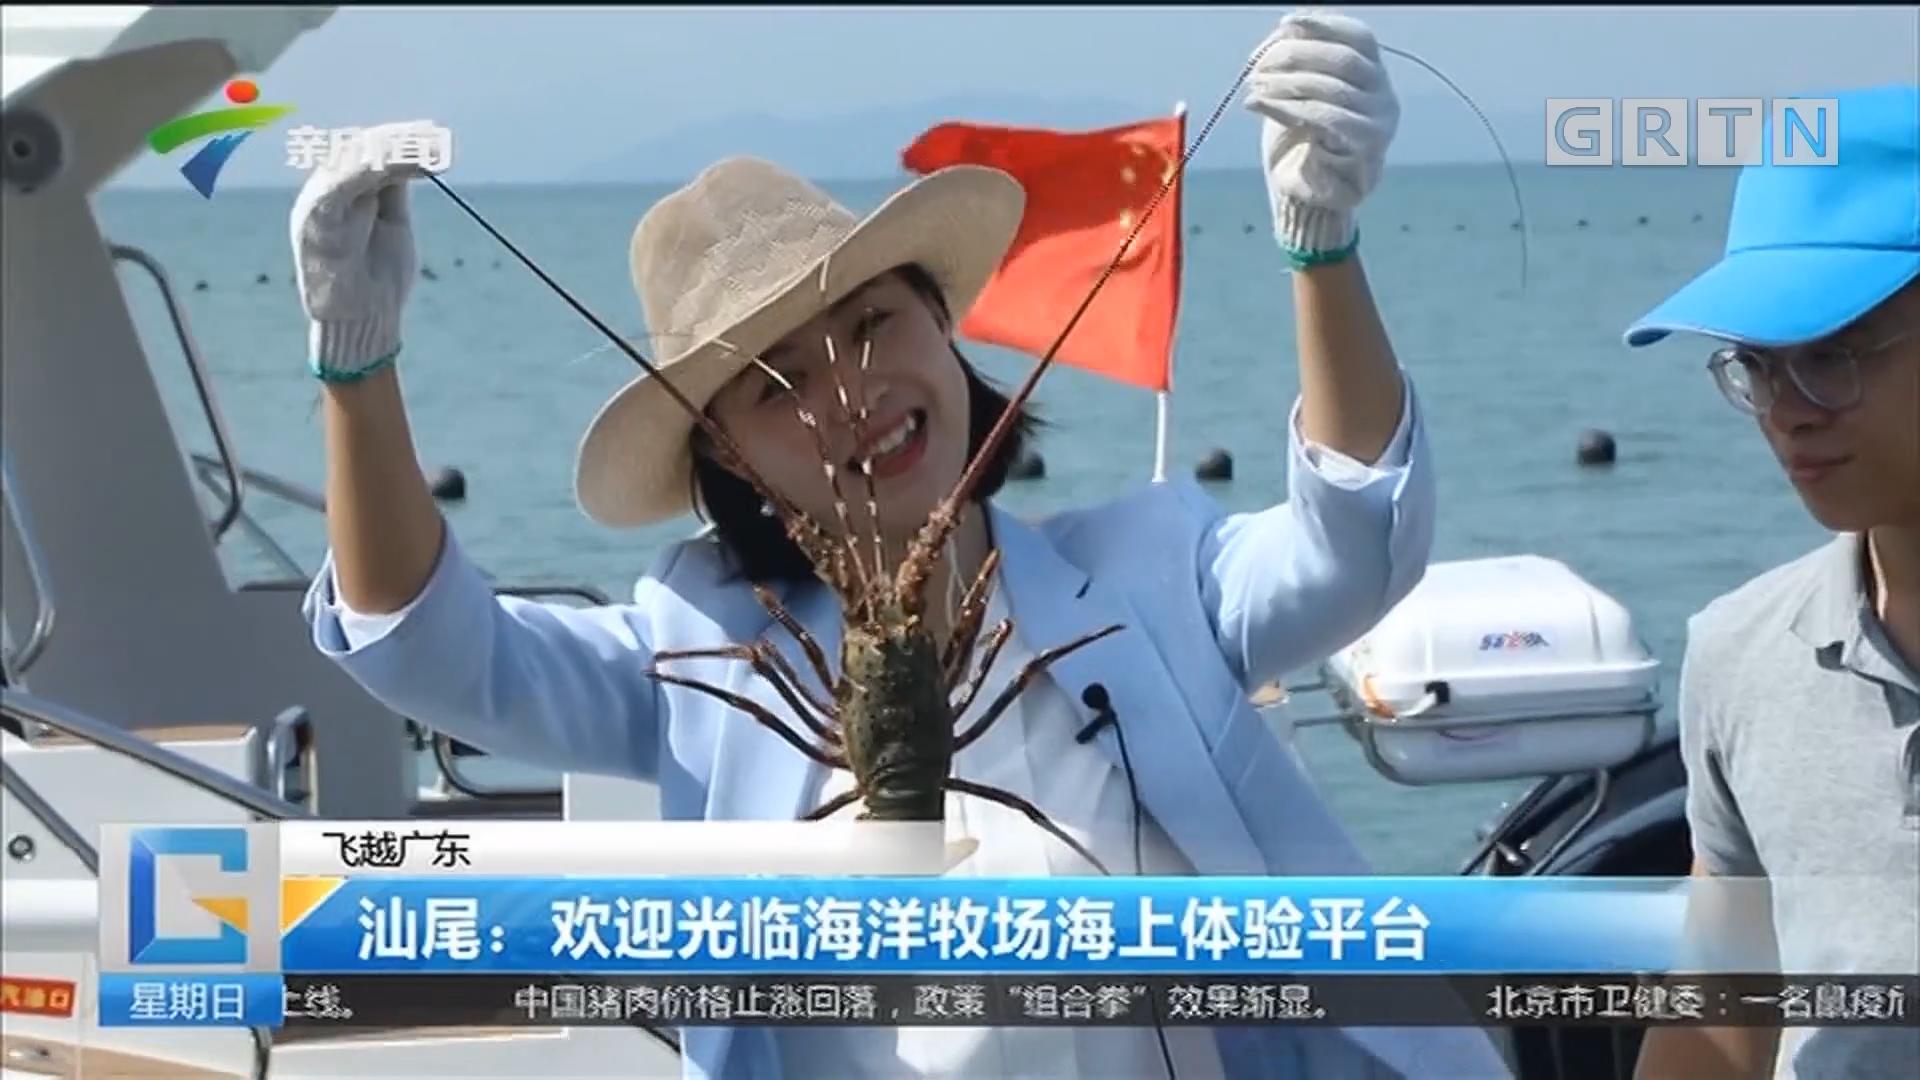 飞越广东 汕尾:欢迎光临海洋牧场海上体验平台